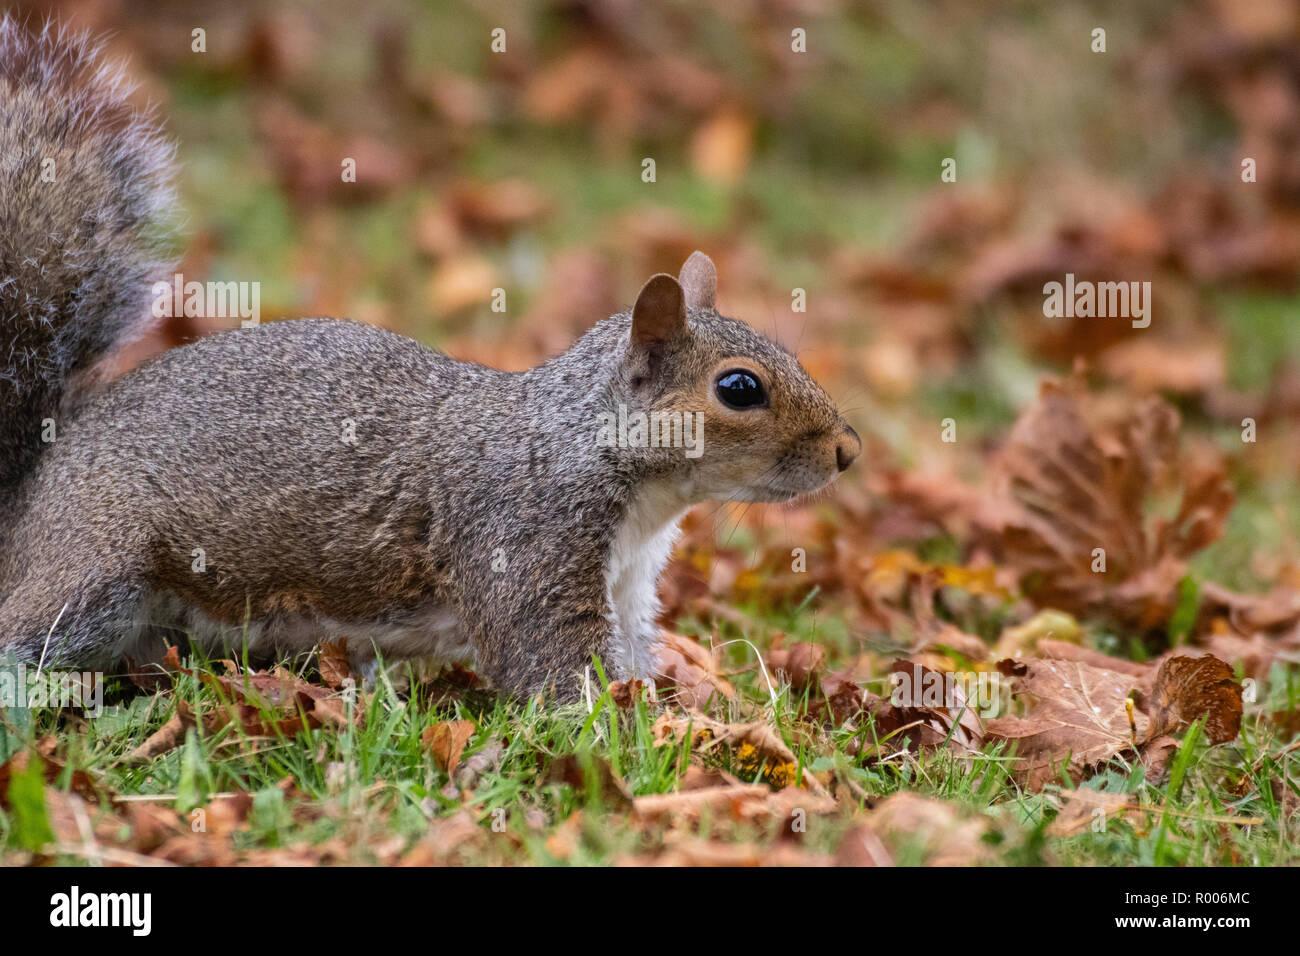 Ein graues Eichhörnchen sitzt auf braune Blätter im Herbst Stockfoto